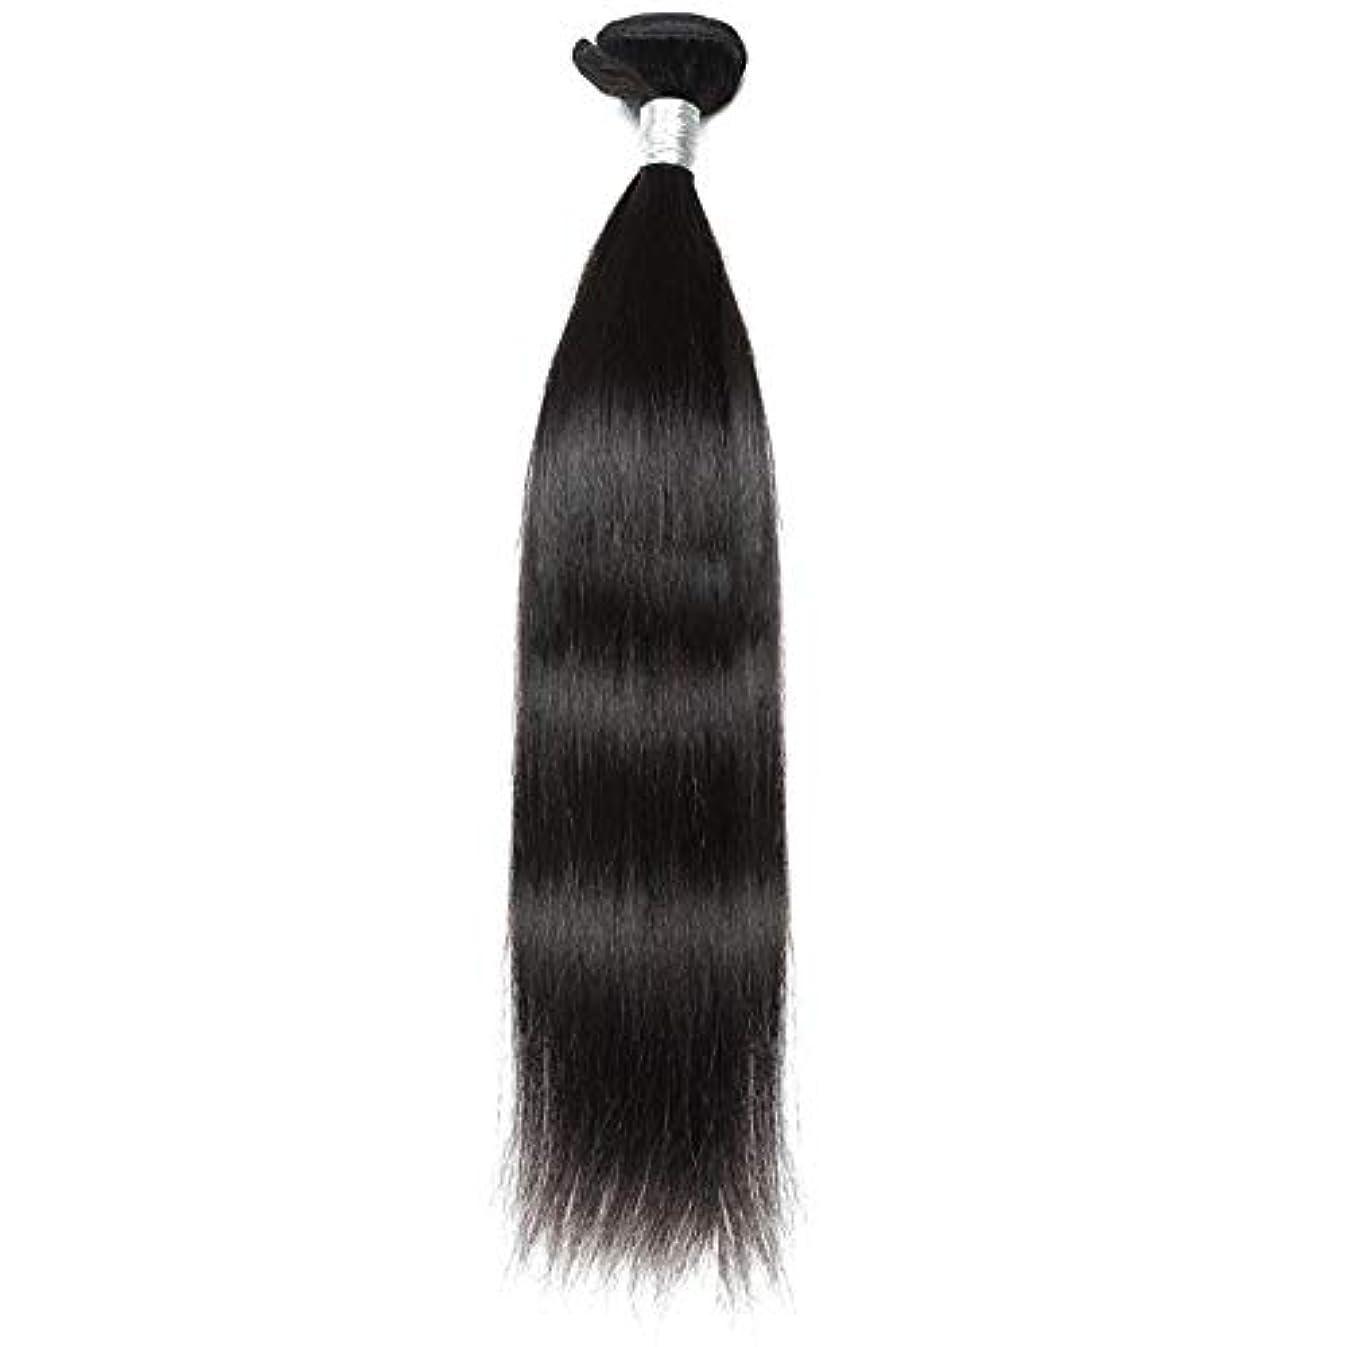 時代遅れ批判する教科書WASAIO ブラジルのバージン毛なめらかな単純明快な人間が1つのバンドルナチュラルカラーの拡張バンドルを編む(10インチ?26インチ) (色 : 黒, サイズ : 12 inch)